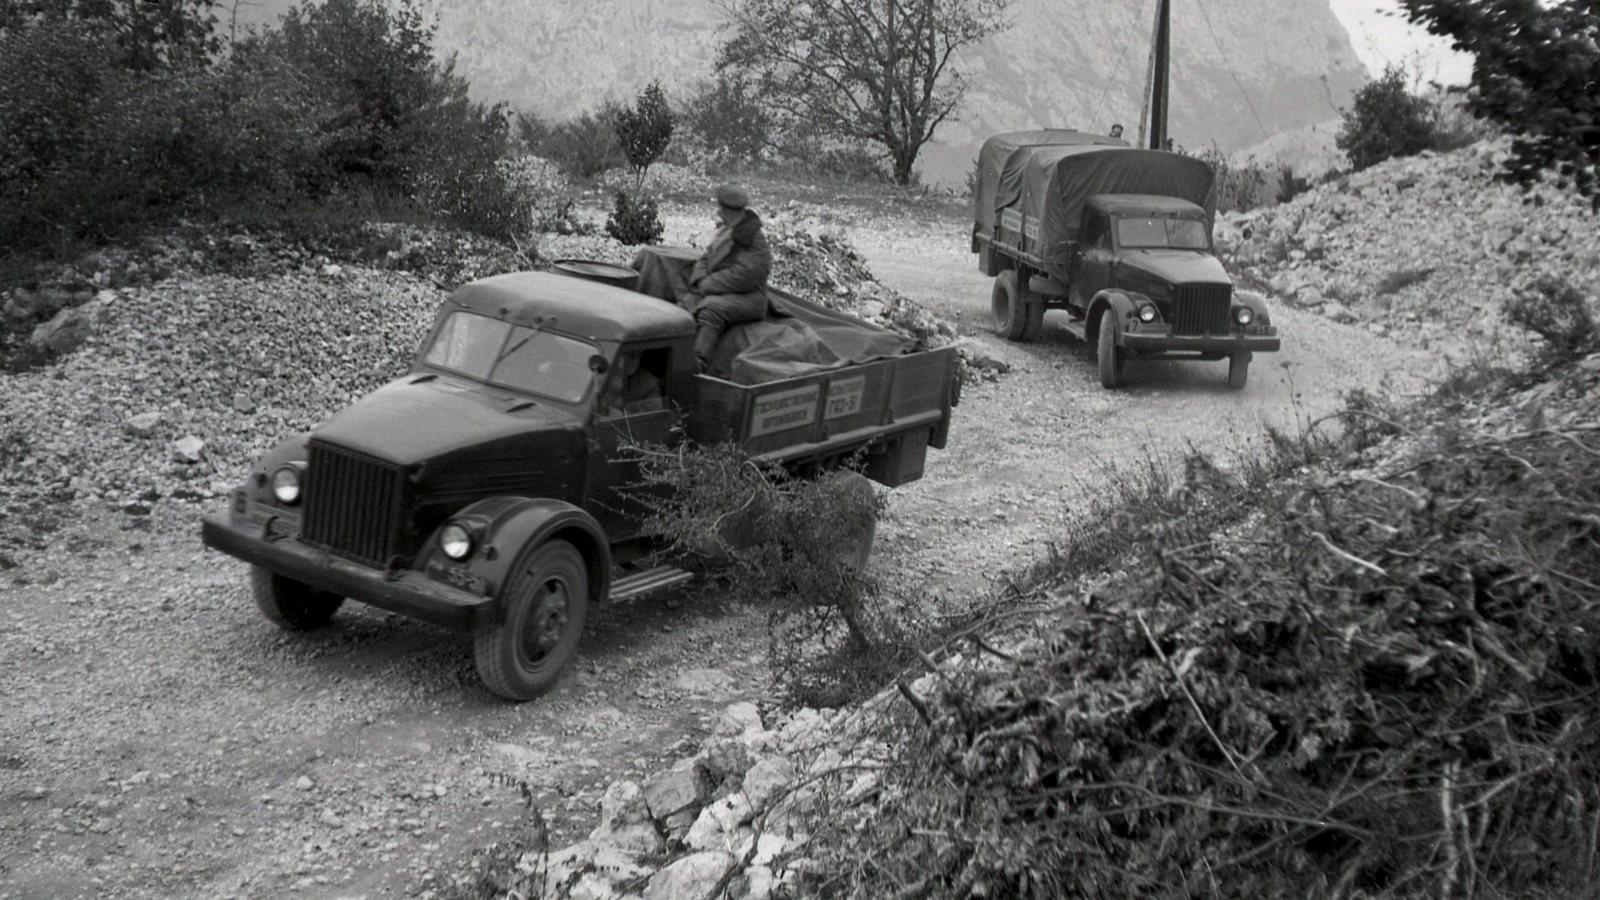 ГАЗ-51, 46 год, Гос. испытания. Автопробег на Байдарском перевале в Крыму.